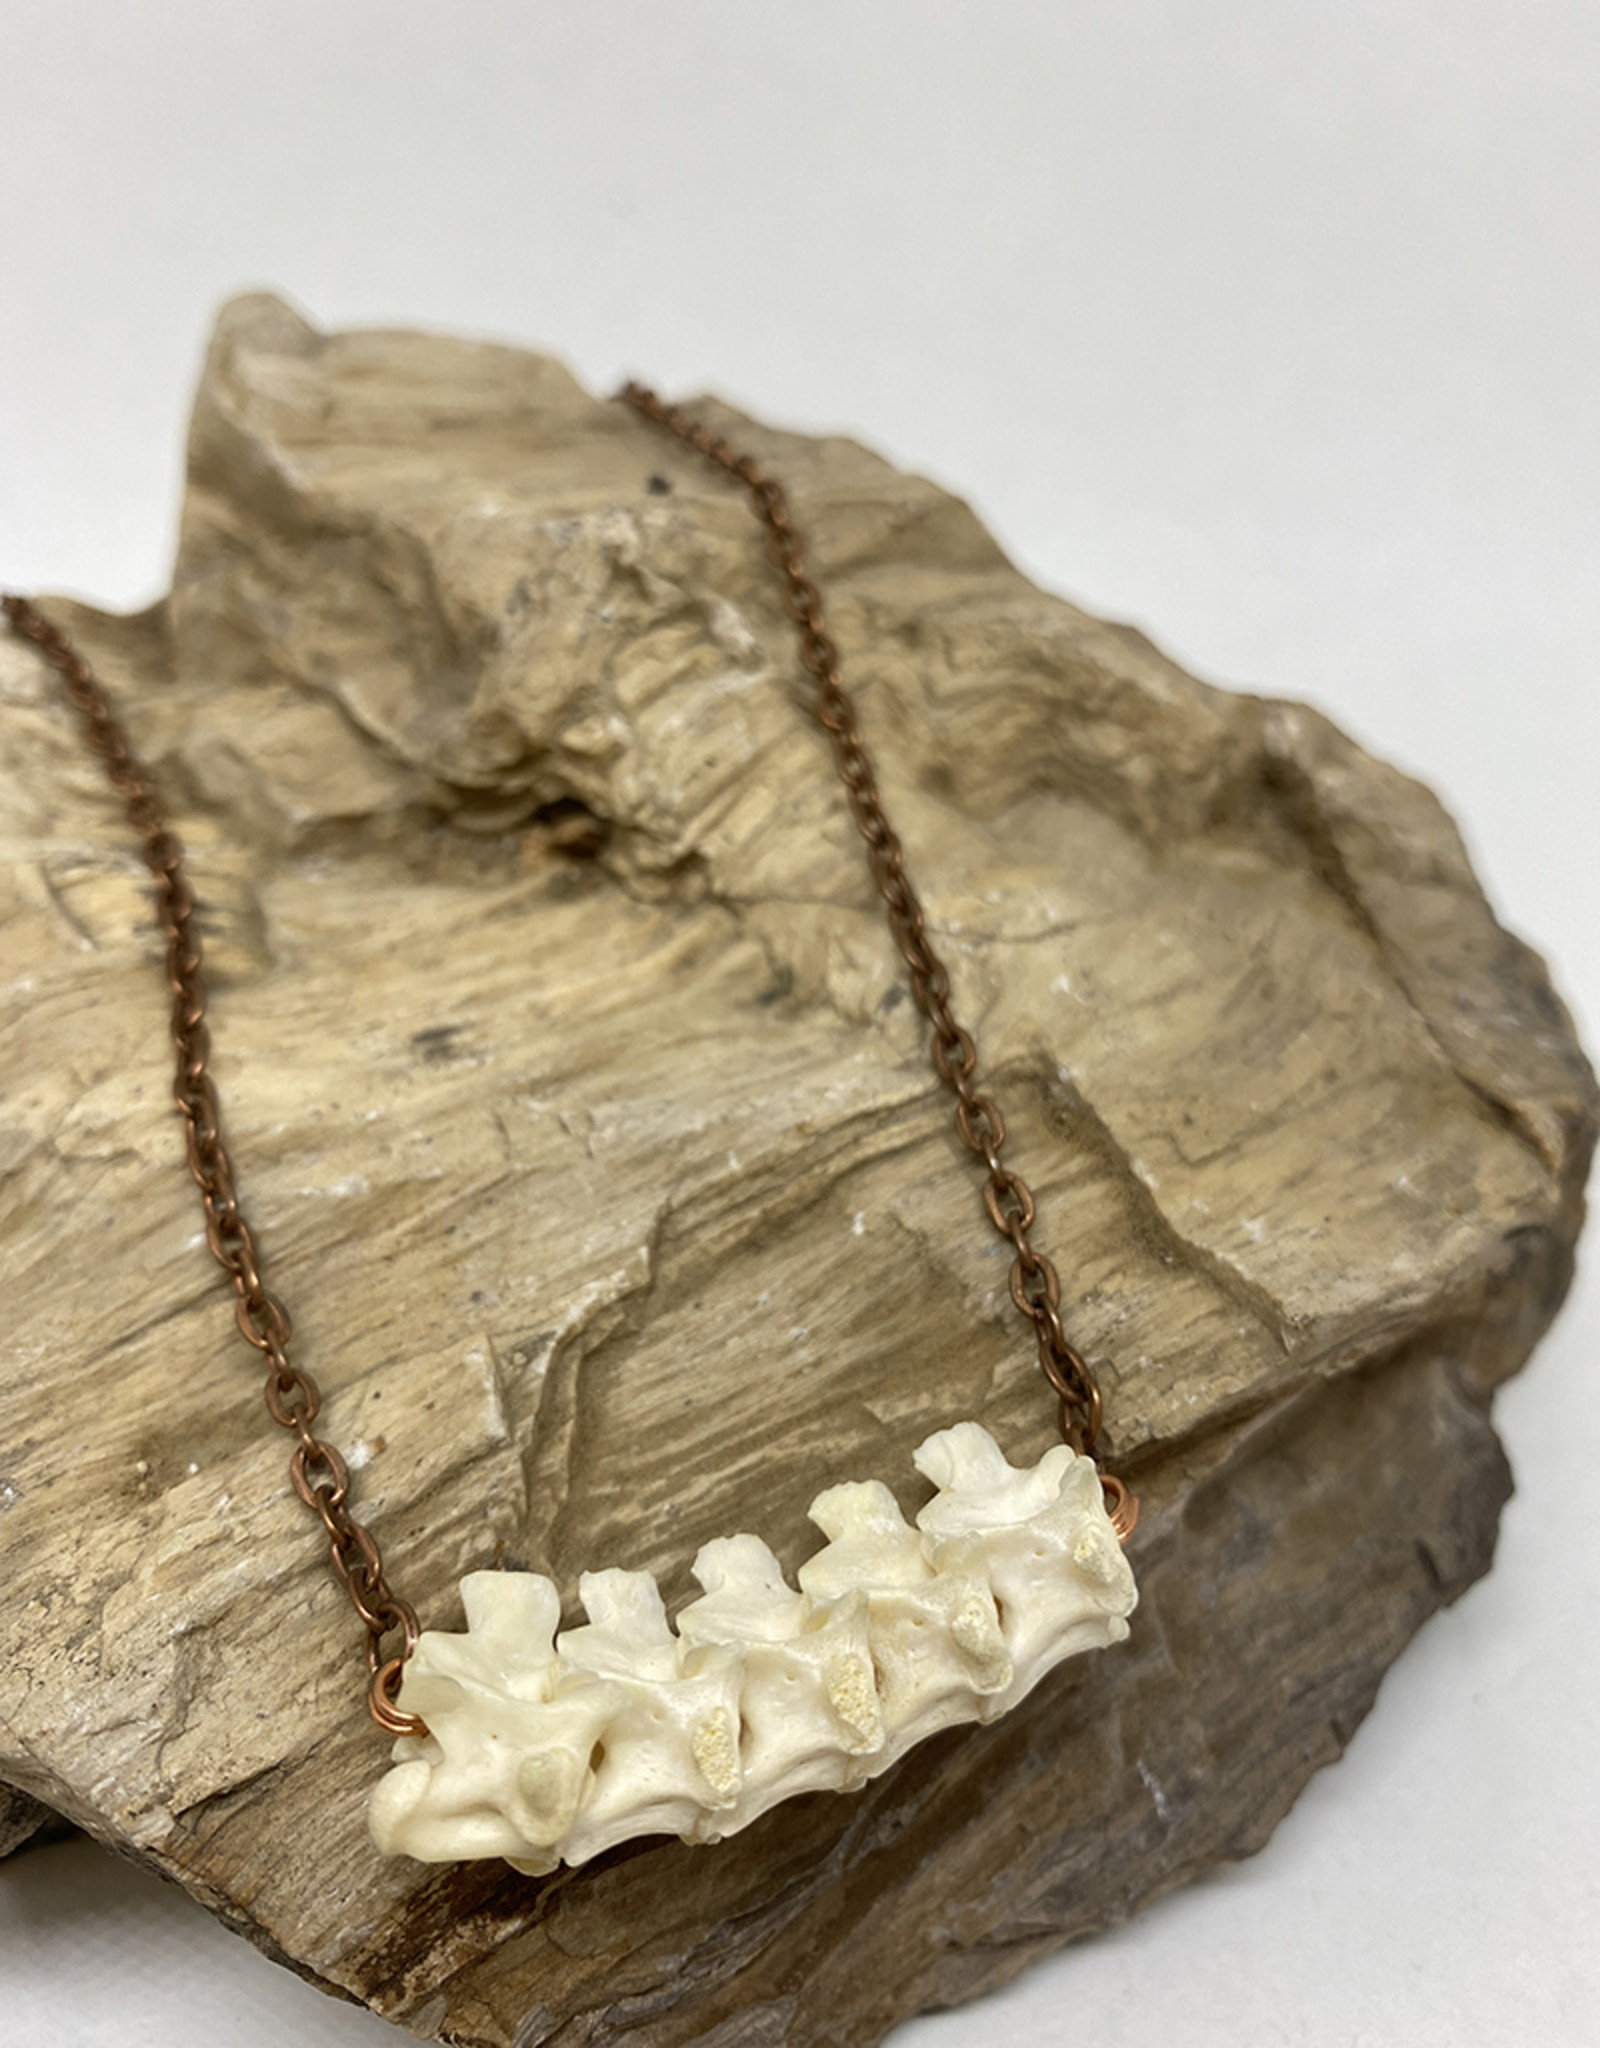 Perilin Jewelry Vertebrae Necklace by Perilin Jewelry